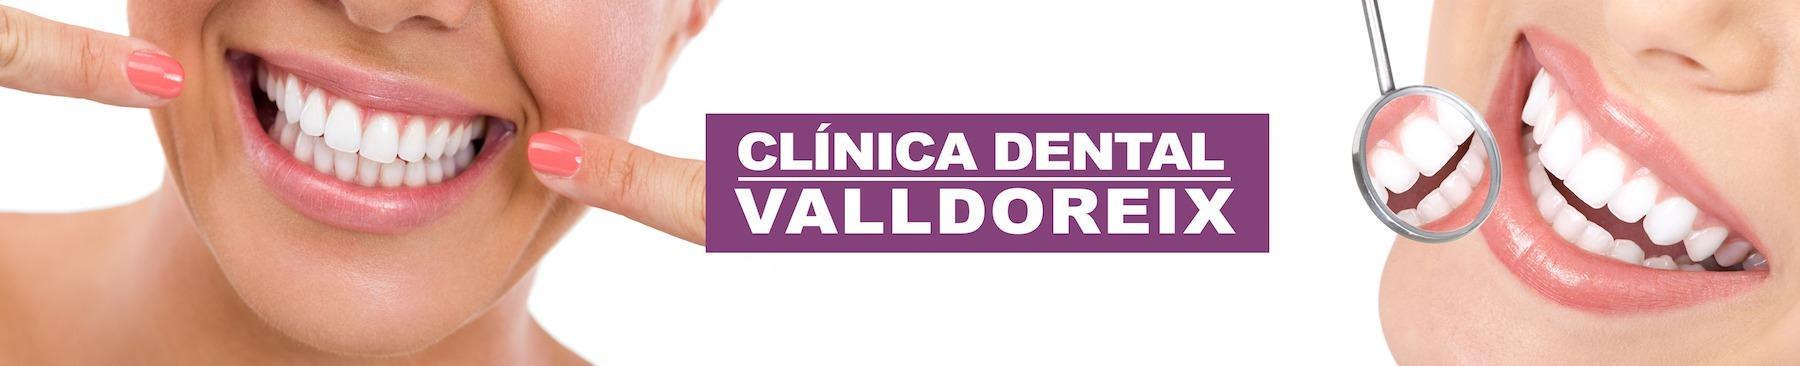 slider_clinicadental